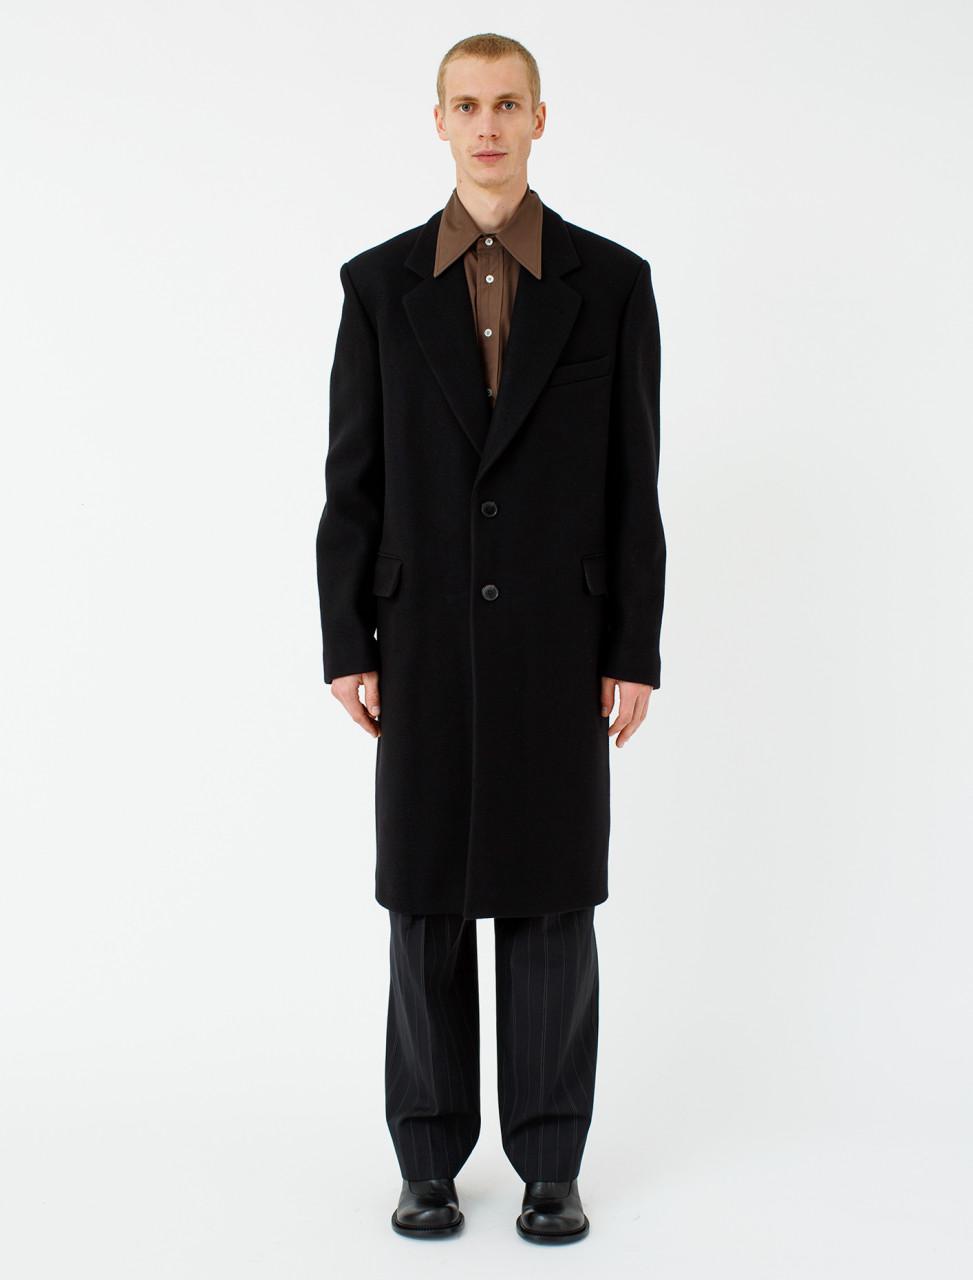 Rabbe Coat